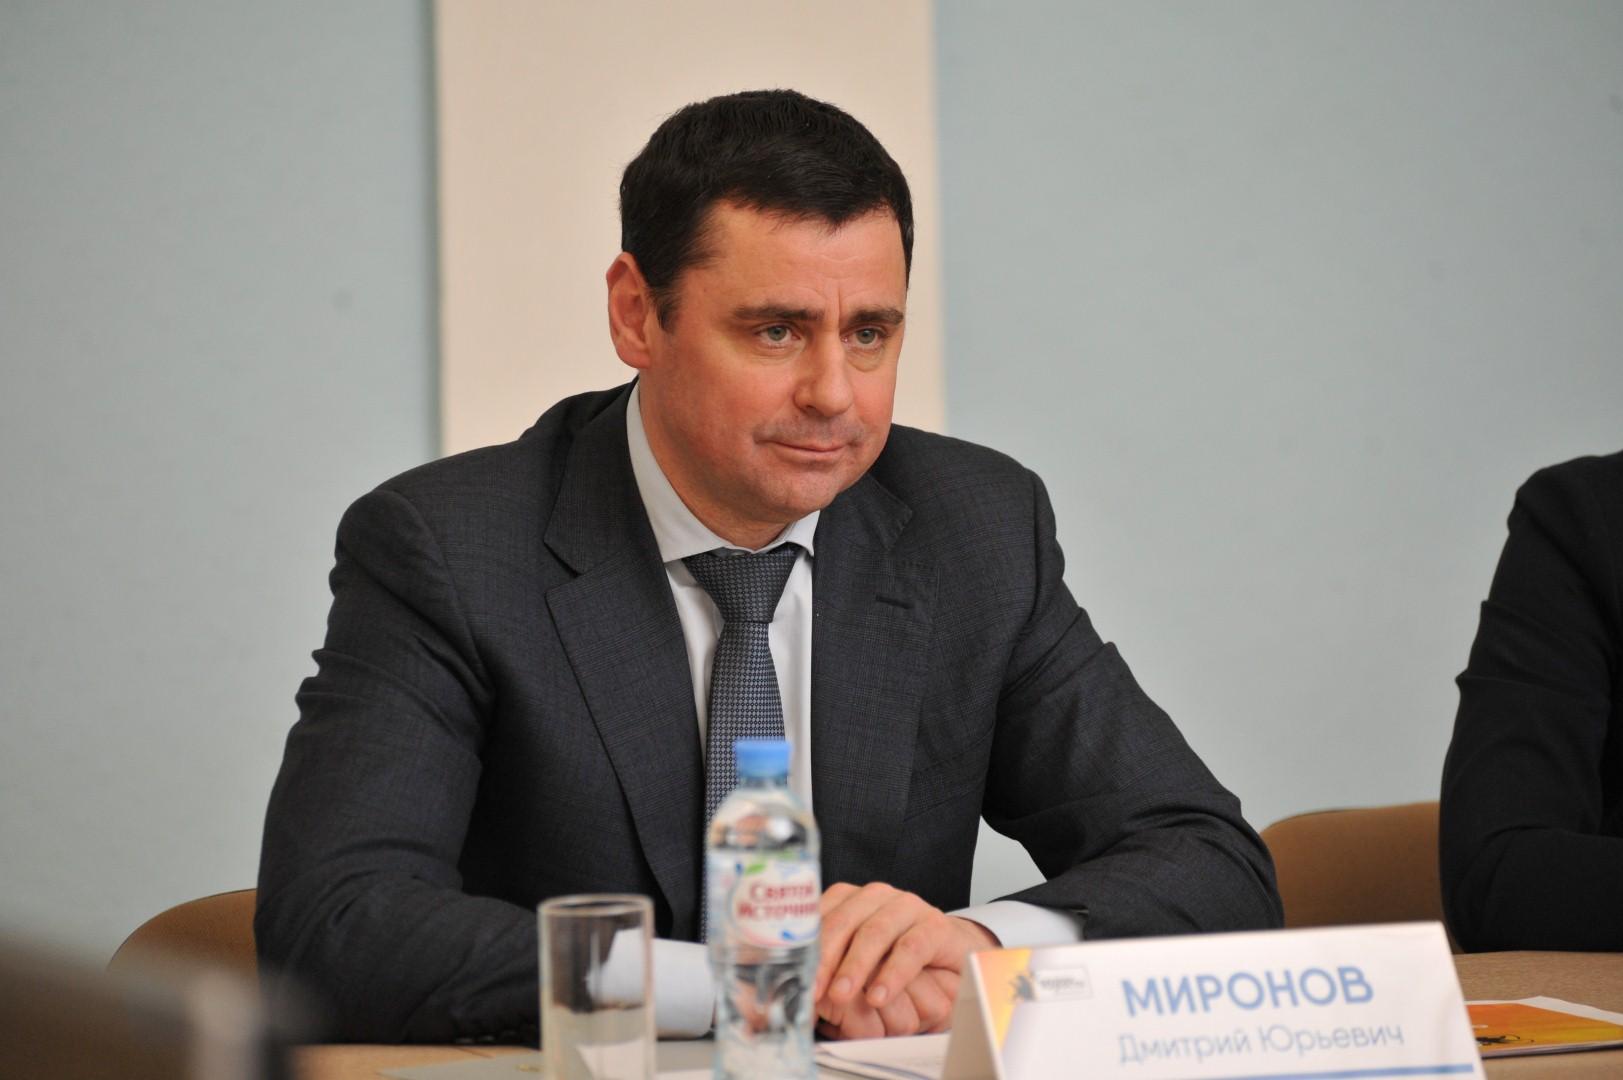 «10 точек роста Ярославской области»: Дмитрий Миронов поддержал проект «Школа будущих профессий»